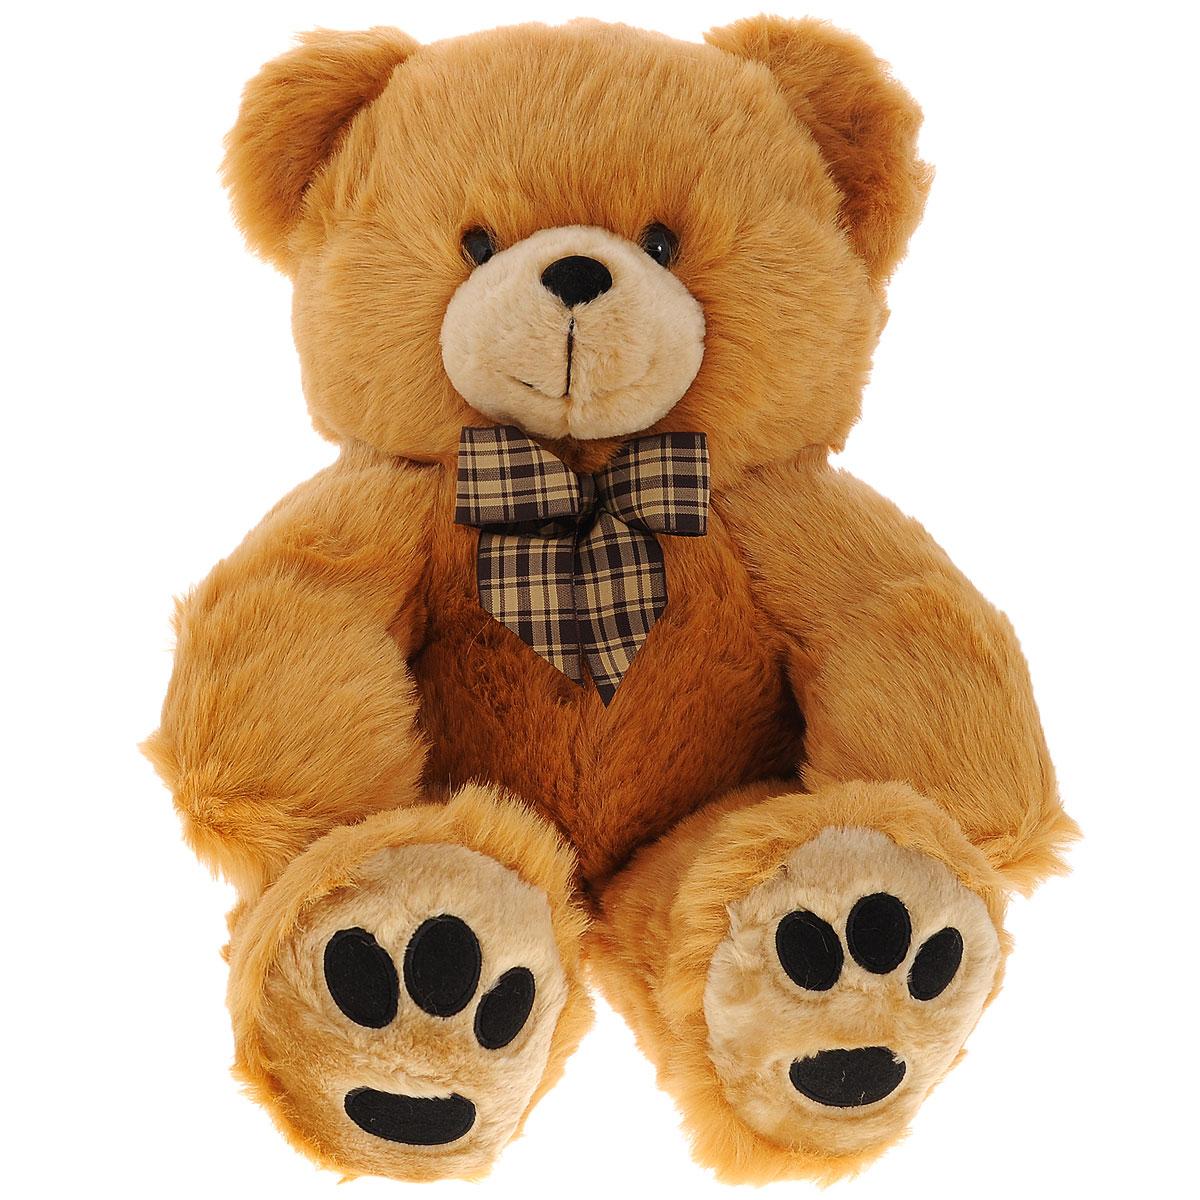 Купить Мягкая игрушка Plush Apple Медведь с бантом , 44 см, Kids First Toys Co., LTD